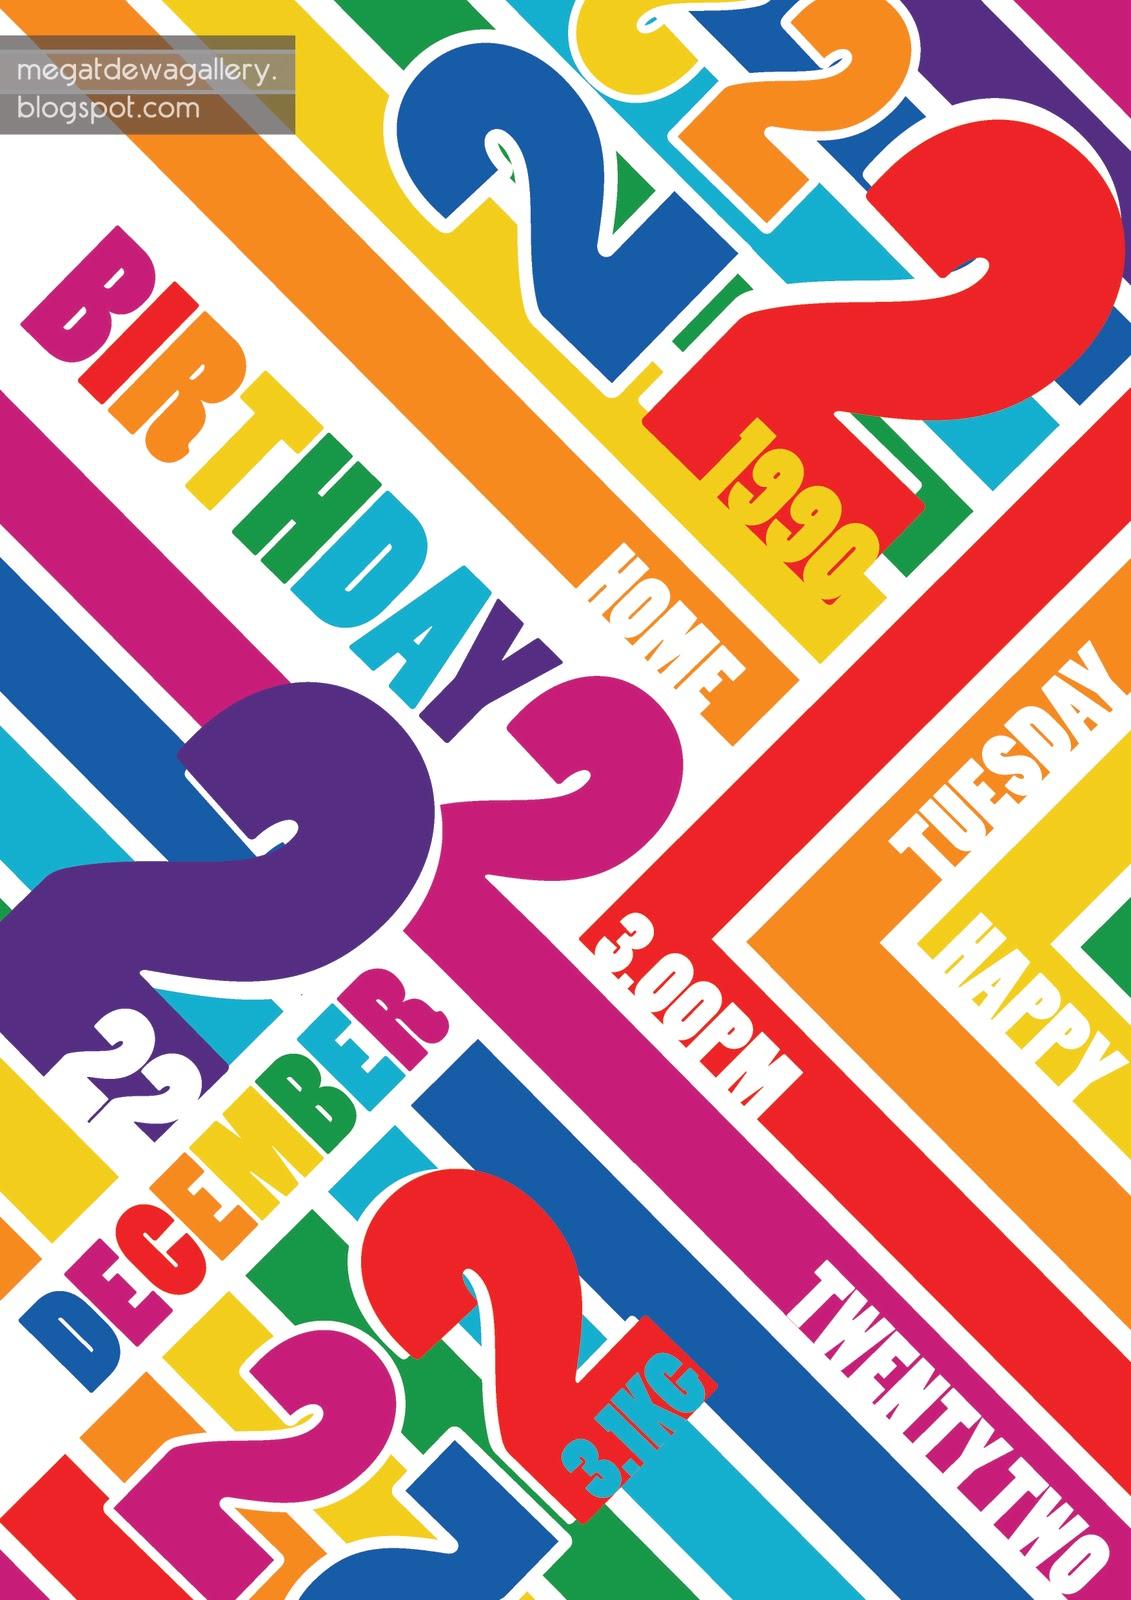 Megat Dewa Poster Design